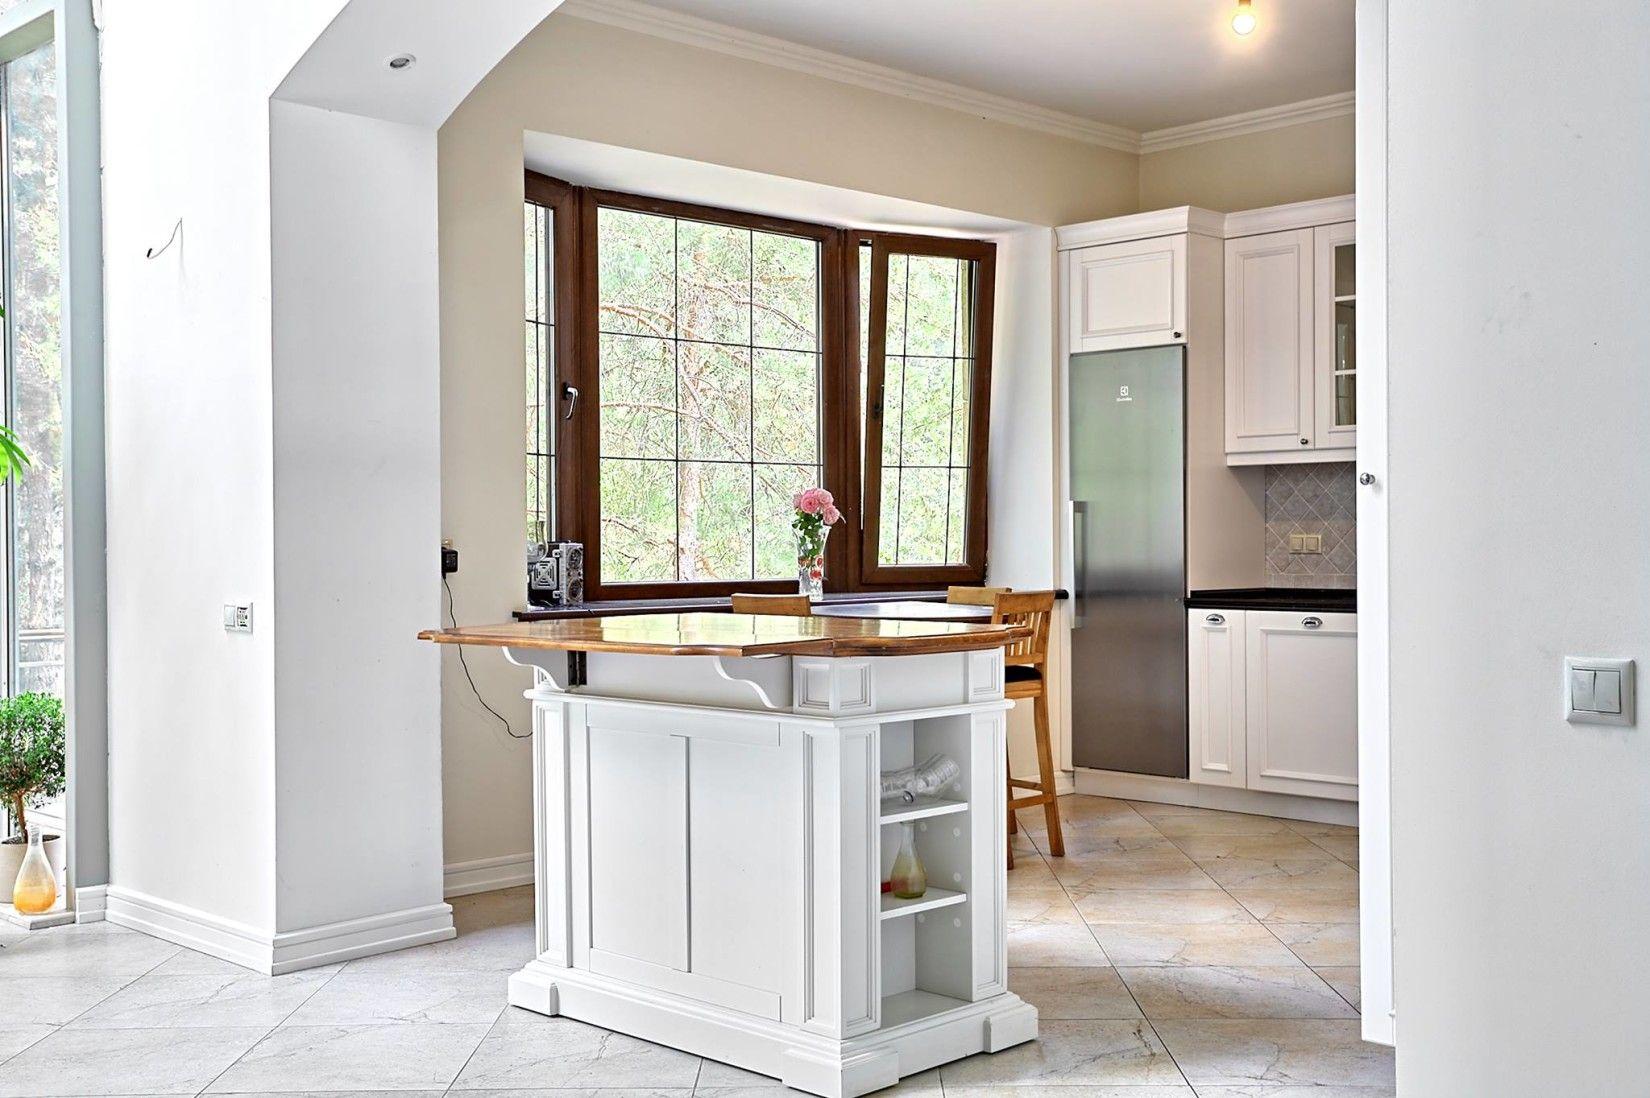 Buy A Kitchen Kitchen Furniture To Order Anova Ua